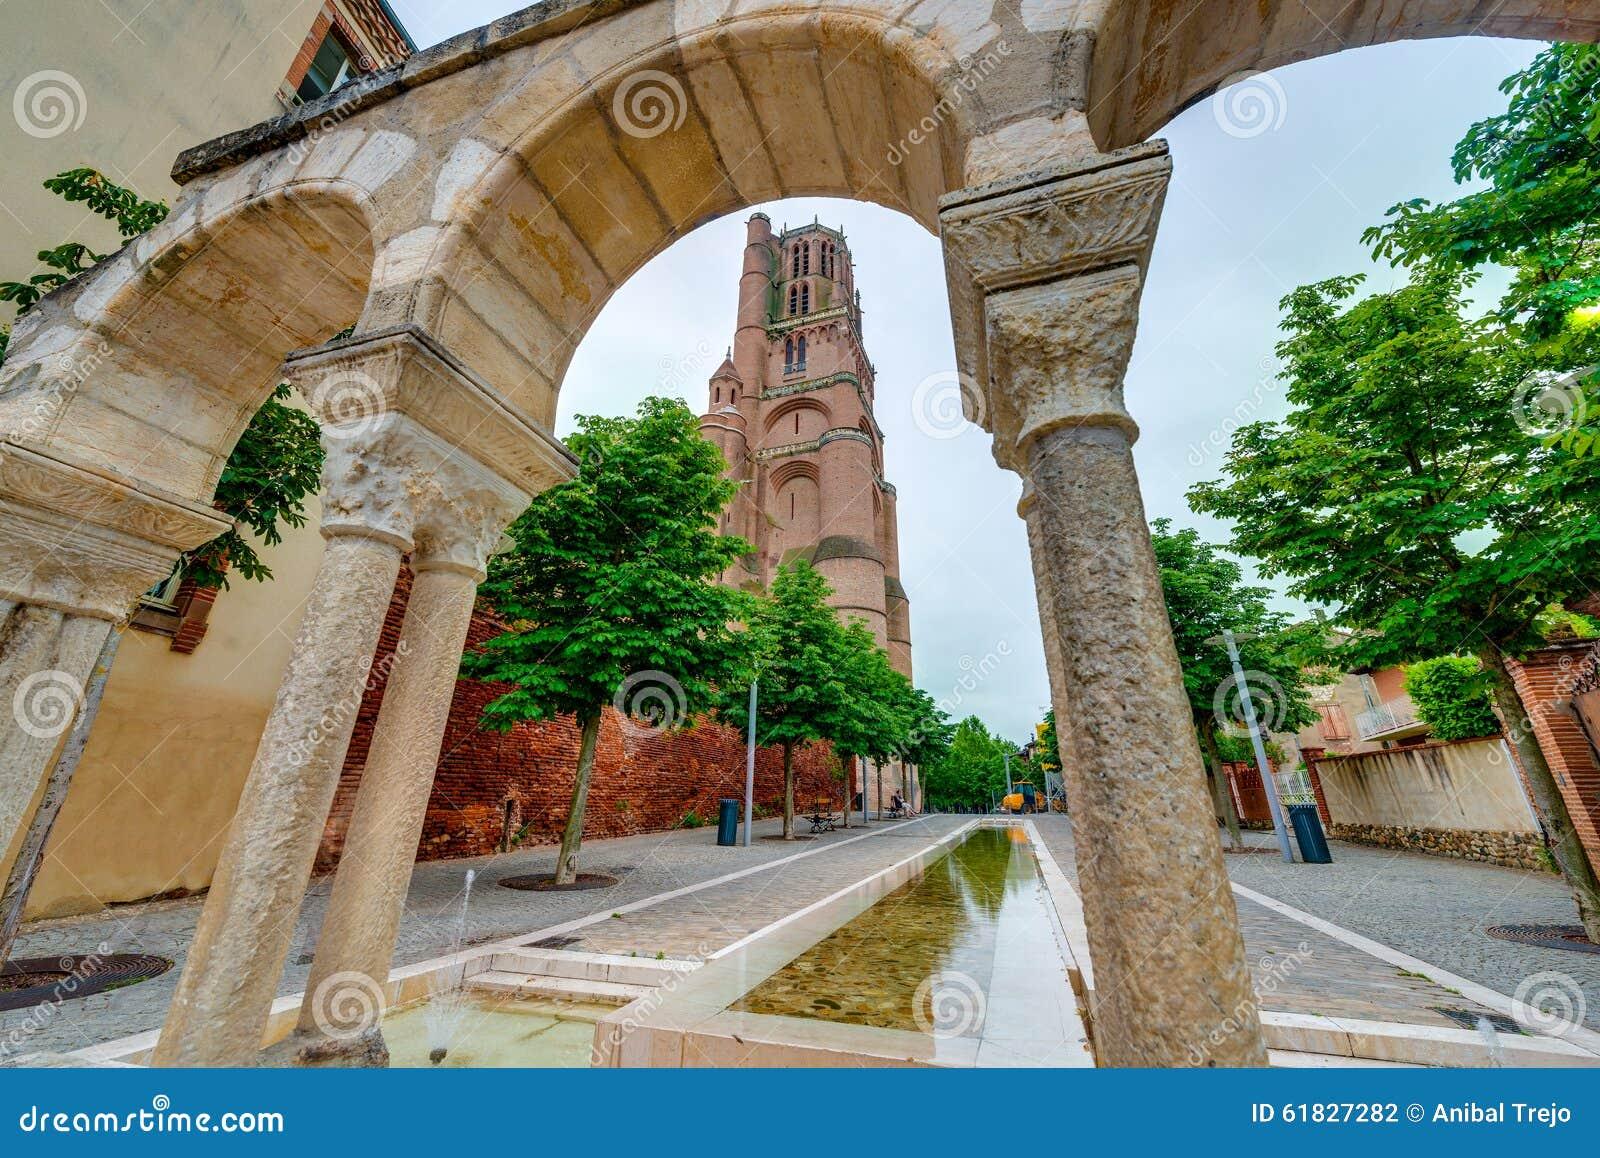 Katedralna bazylika święty Cecilia w Albi, Francja